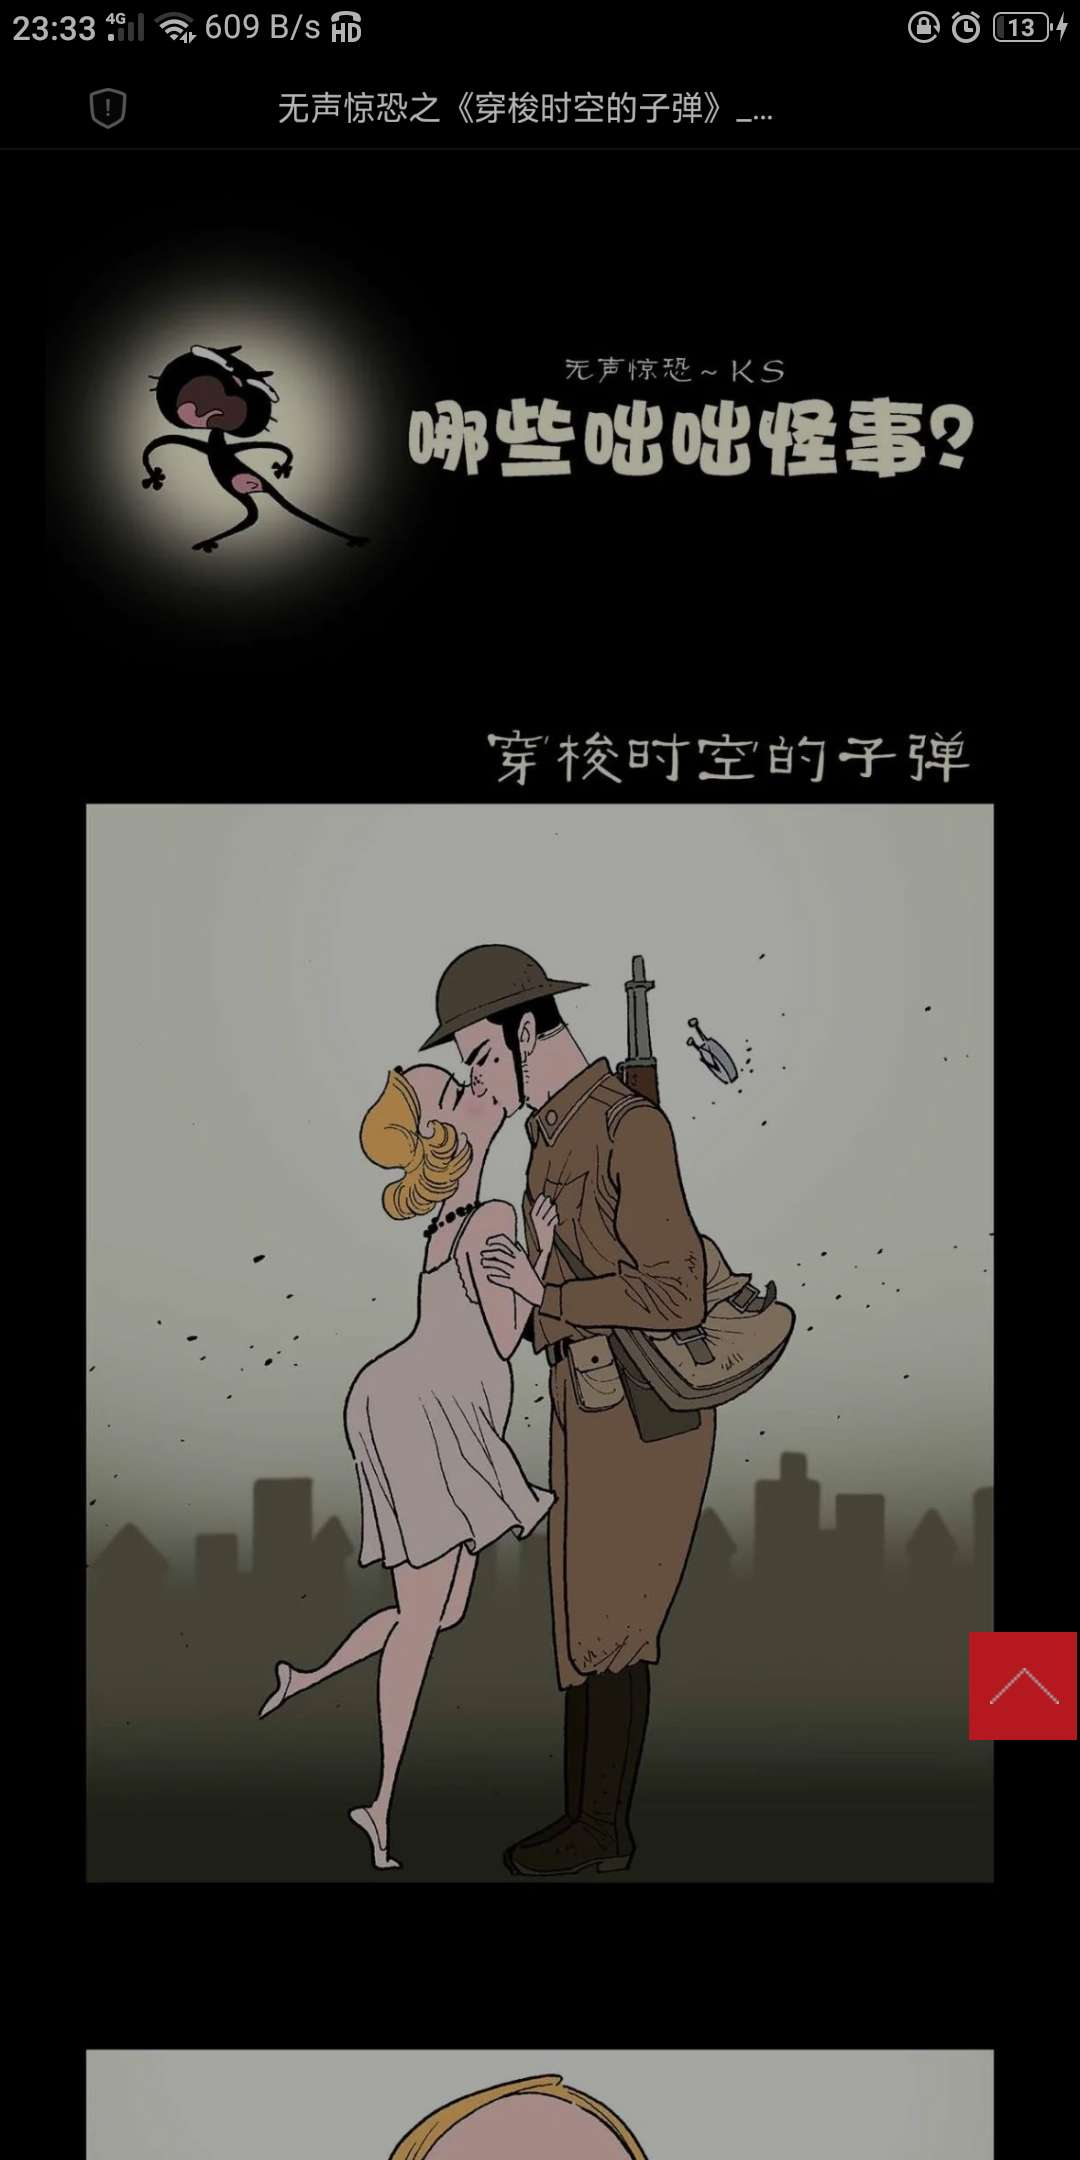 【漫画更新】无声惊恐《穿越时空的子弹》-小柚妹站